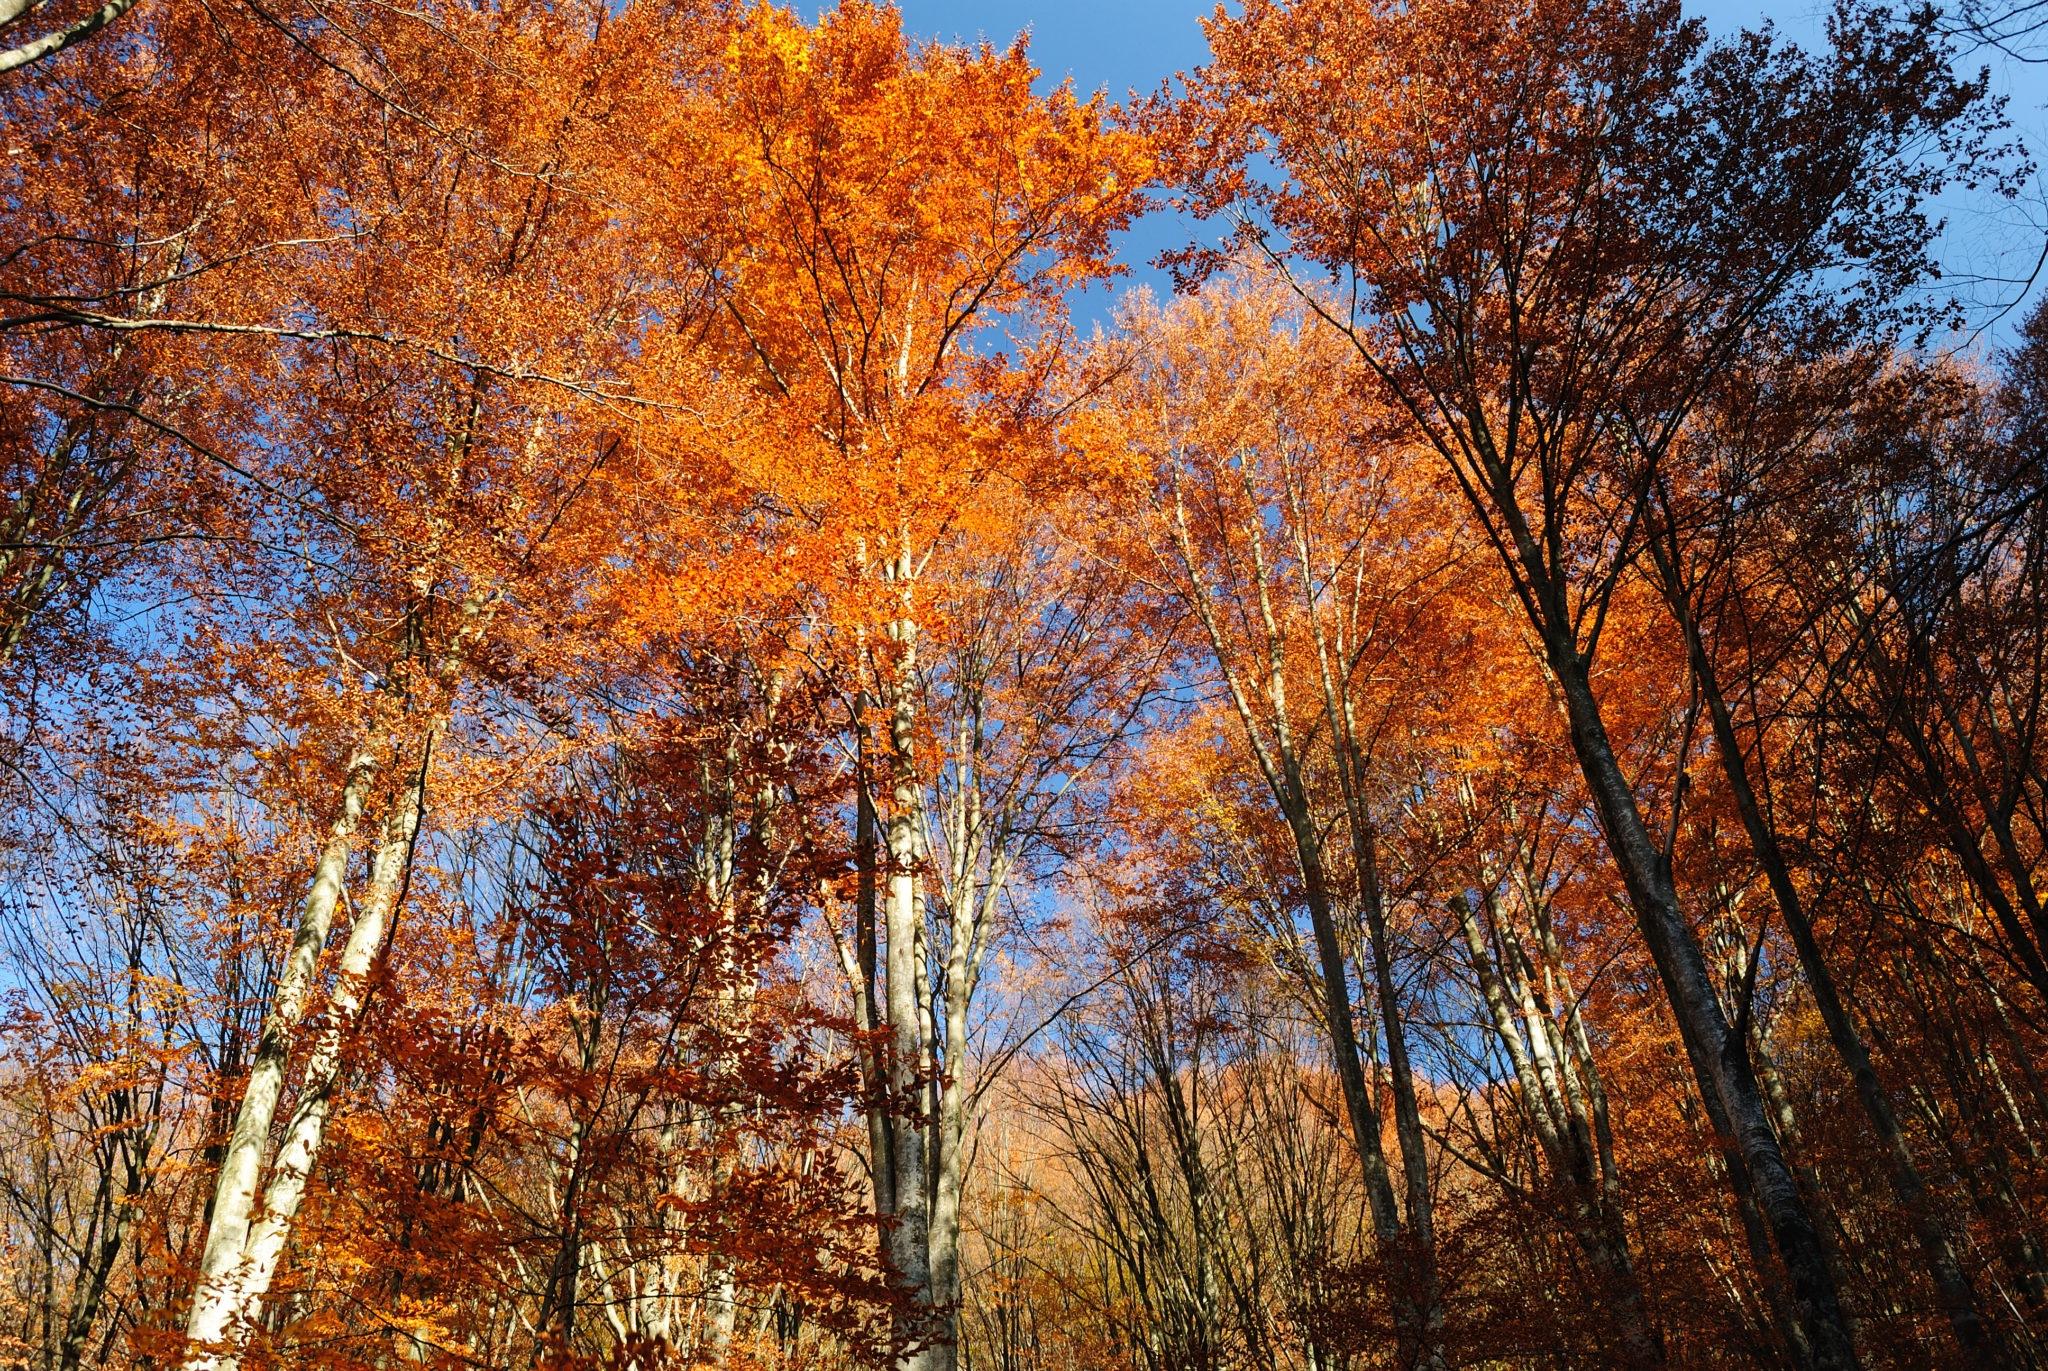 The Fall Season Cleanup Checklist